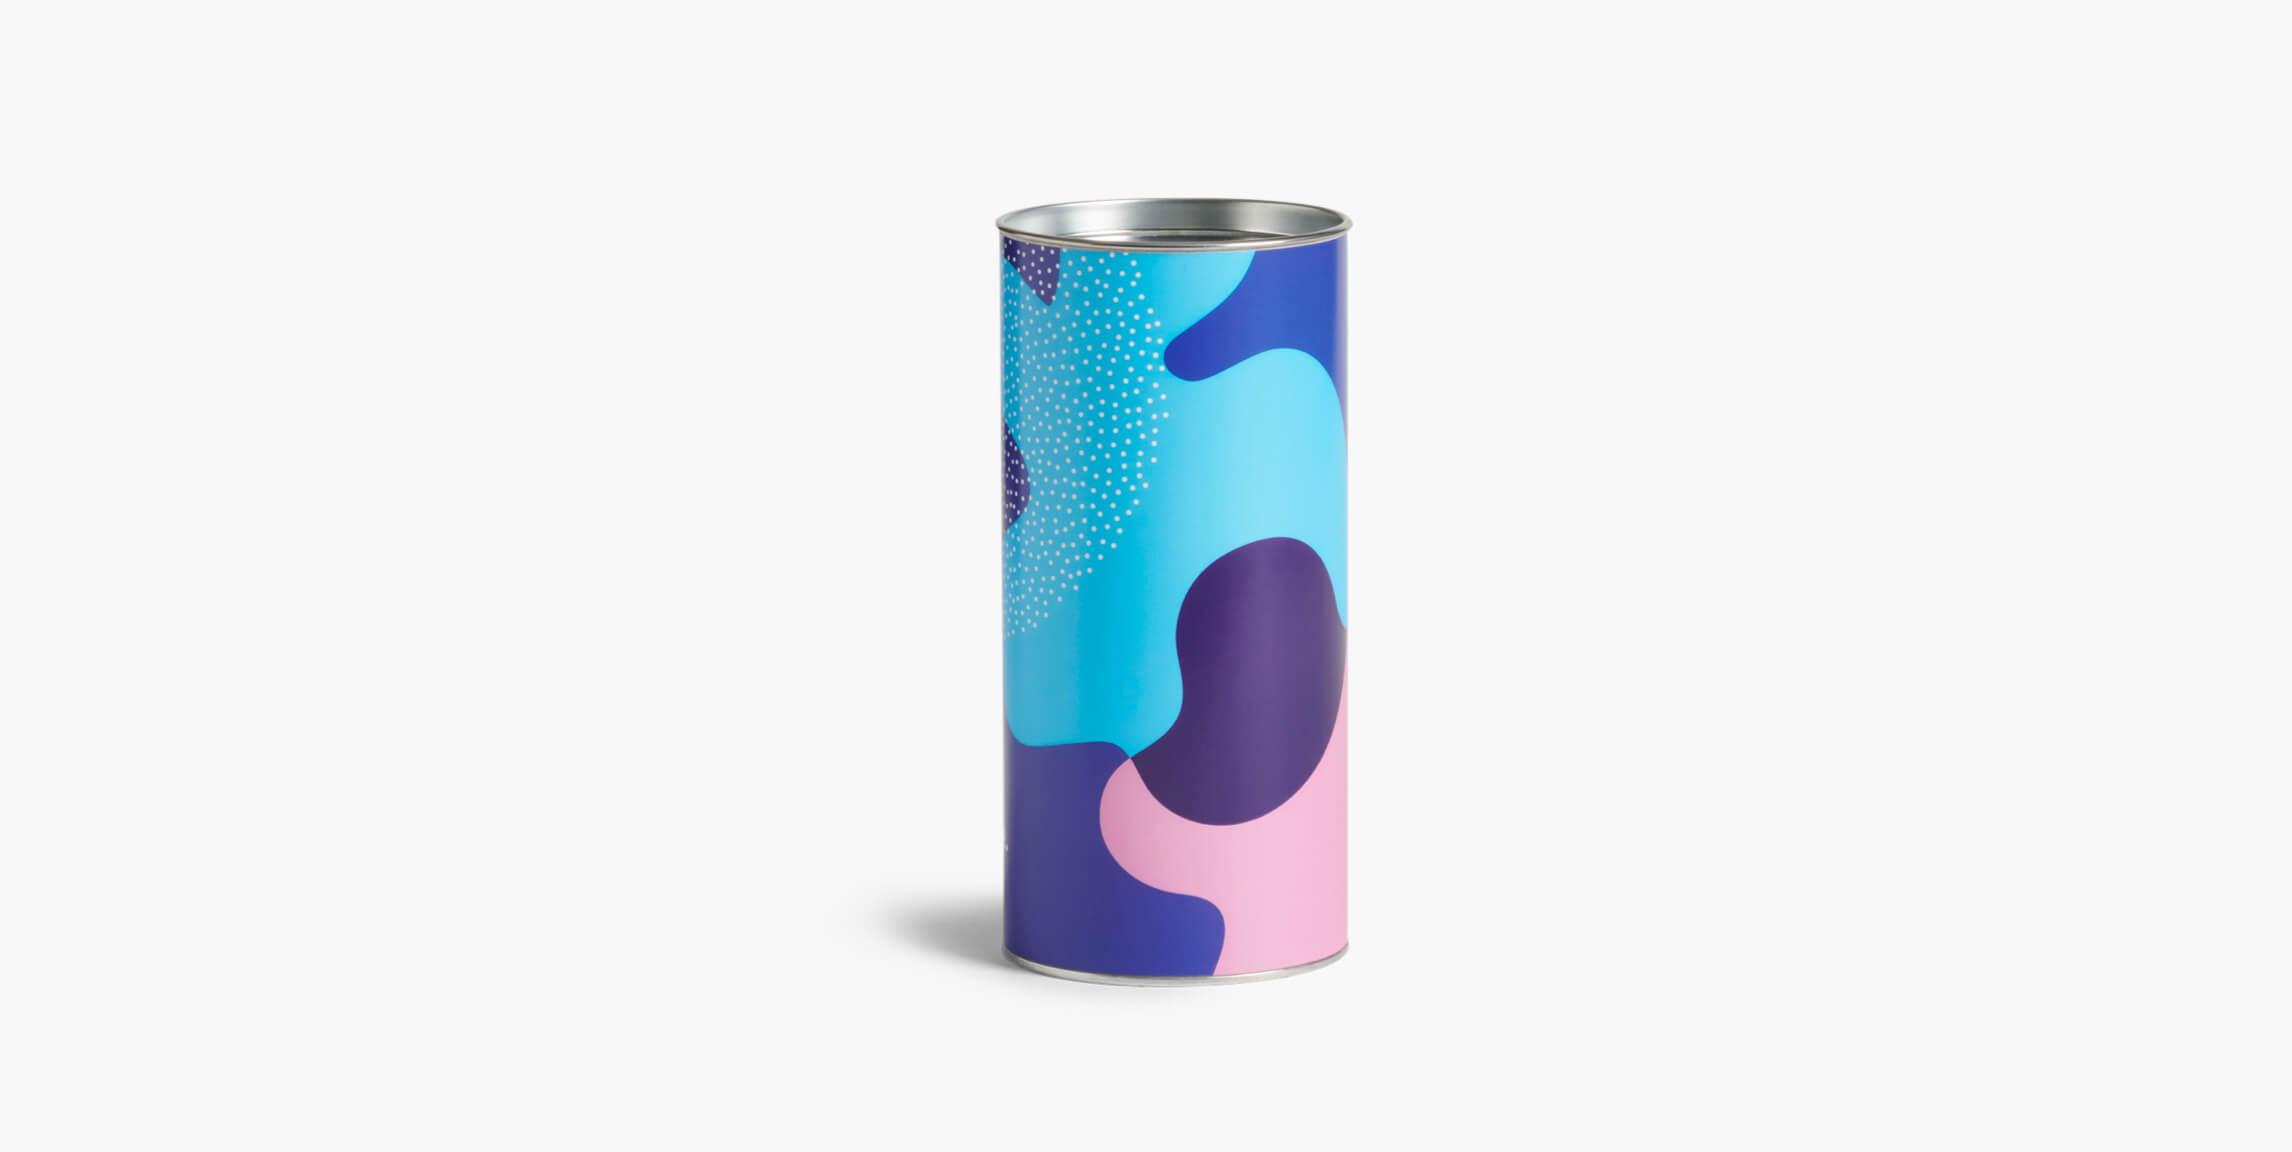 Emballage cadeau canette - emballage personnalisé pour produits - Packhelp